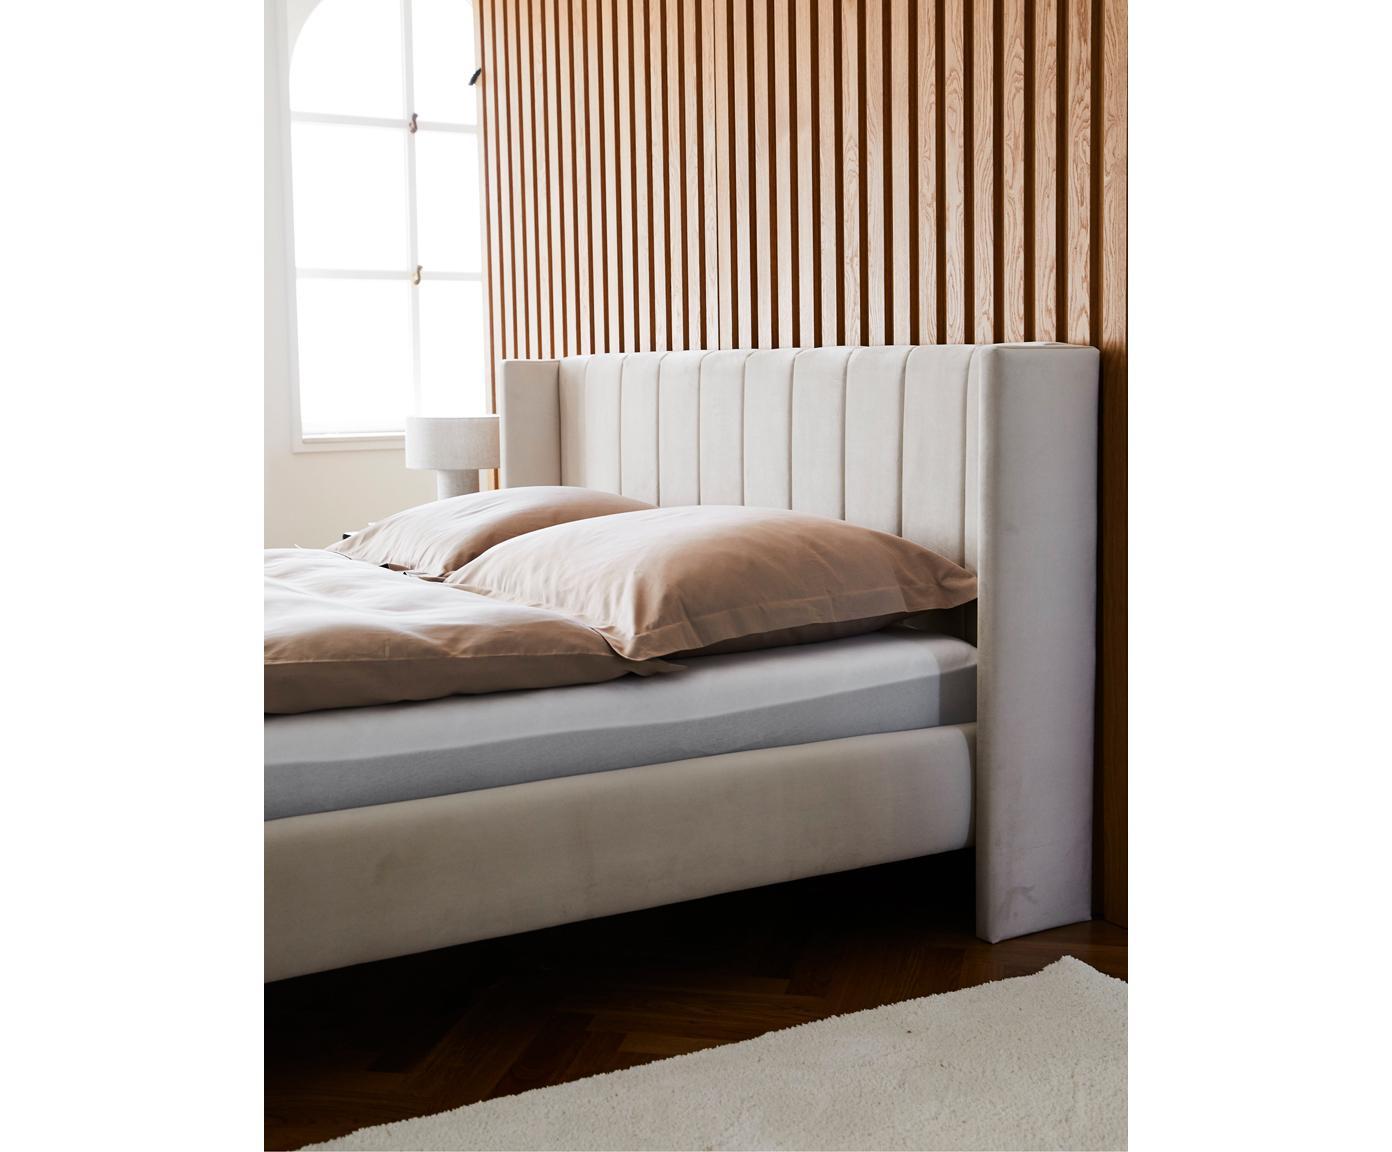 Fluwelen gestoffeerd bed Dusk, Frame: massief grenenhout, Poten: gepoedercoat metaal, Bekleding: polyesterfluweel, Beige, 180 x 200 cm